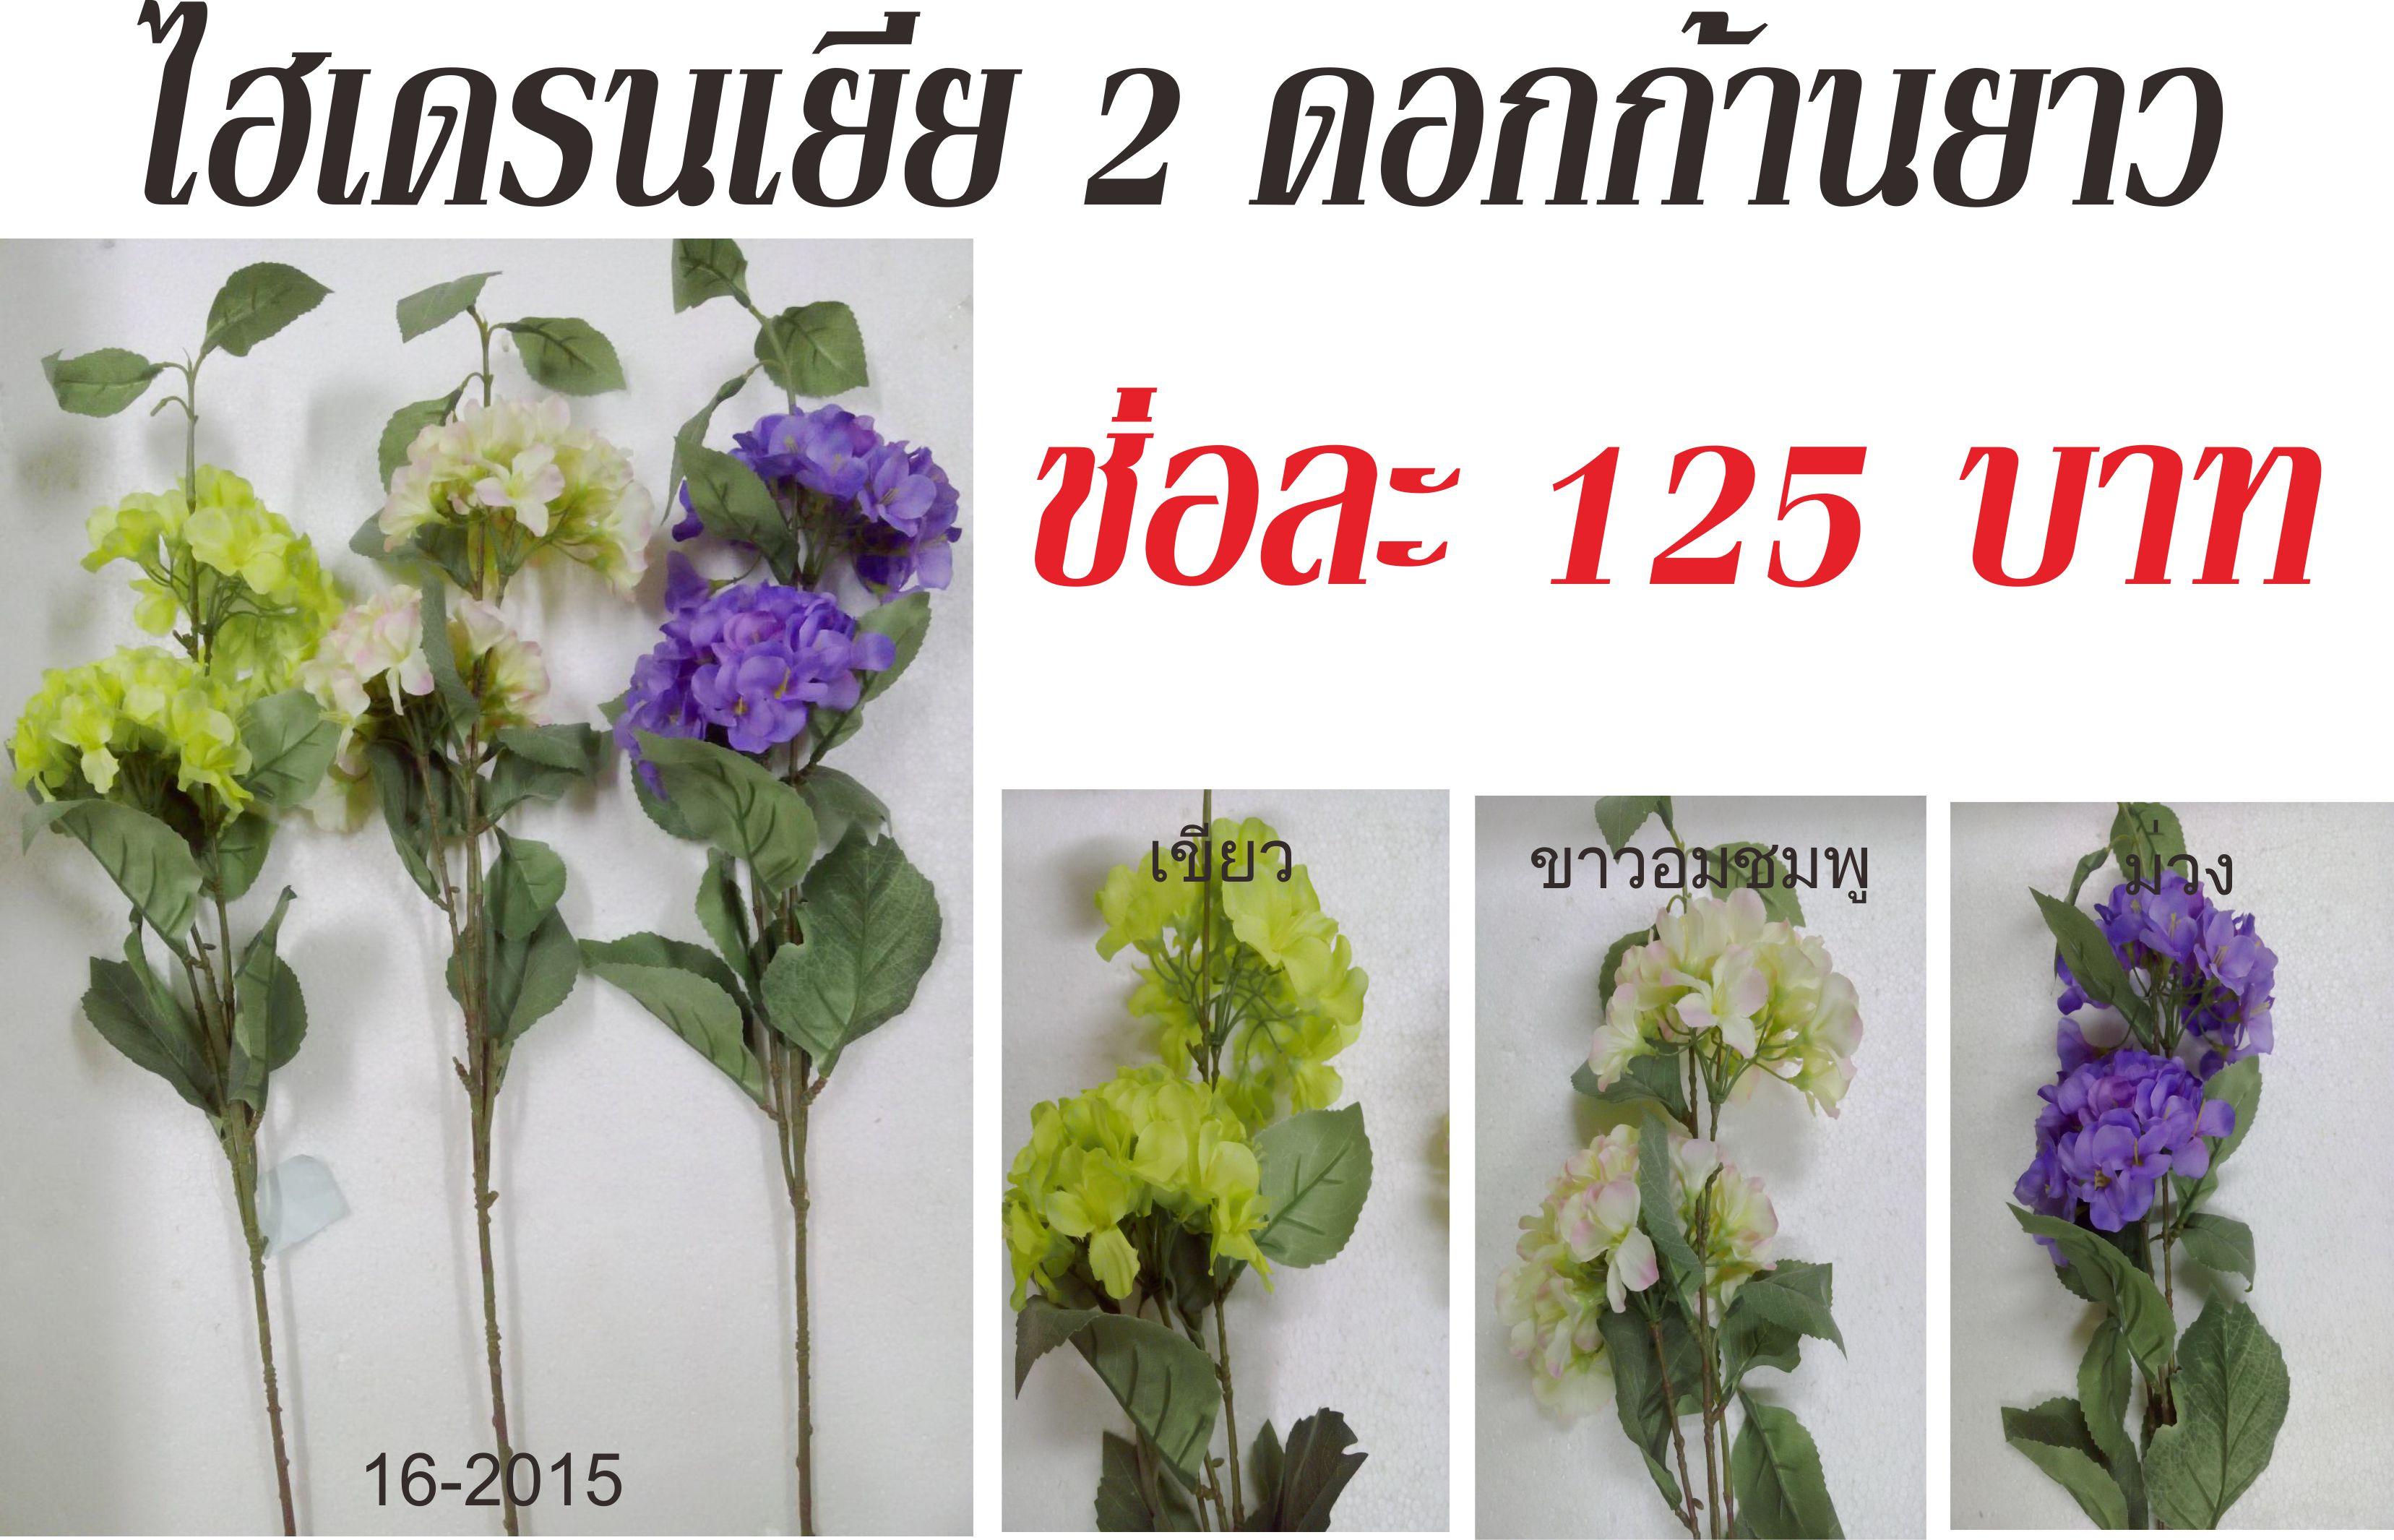 ไฮเดรนเยีย 2 ดอก ก้านยาว